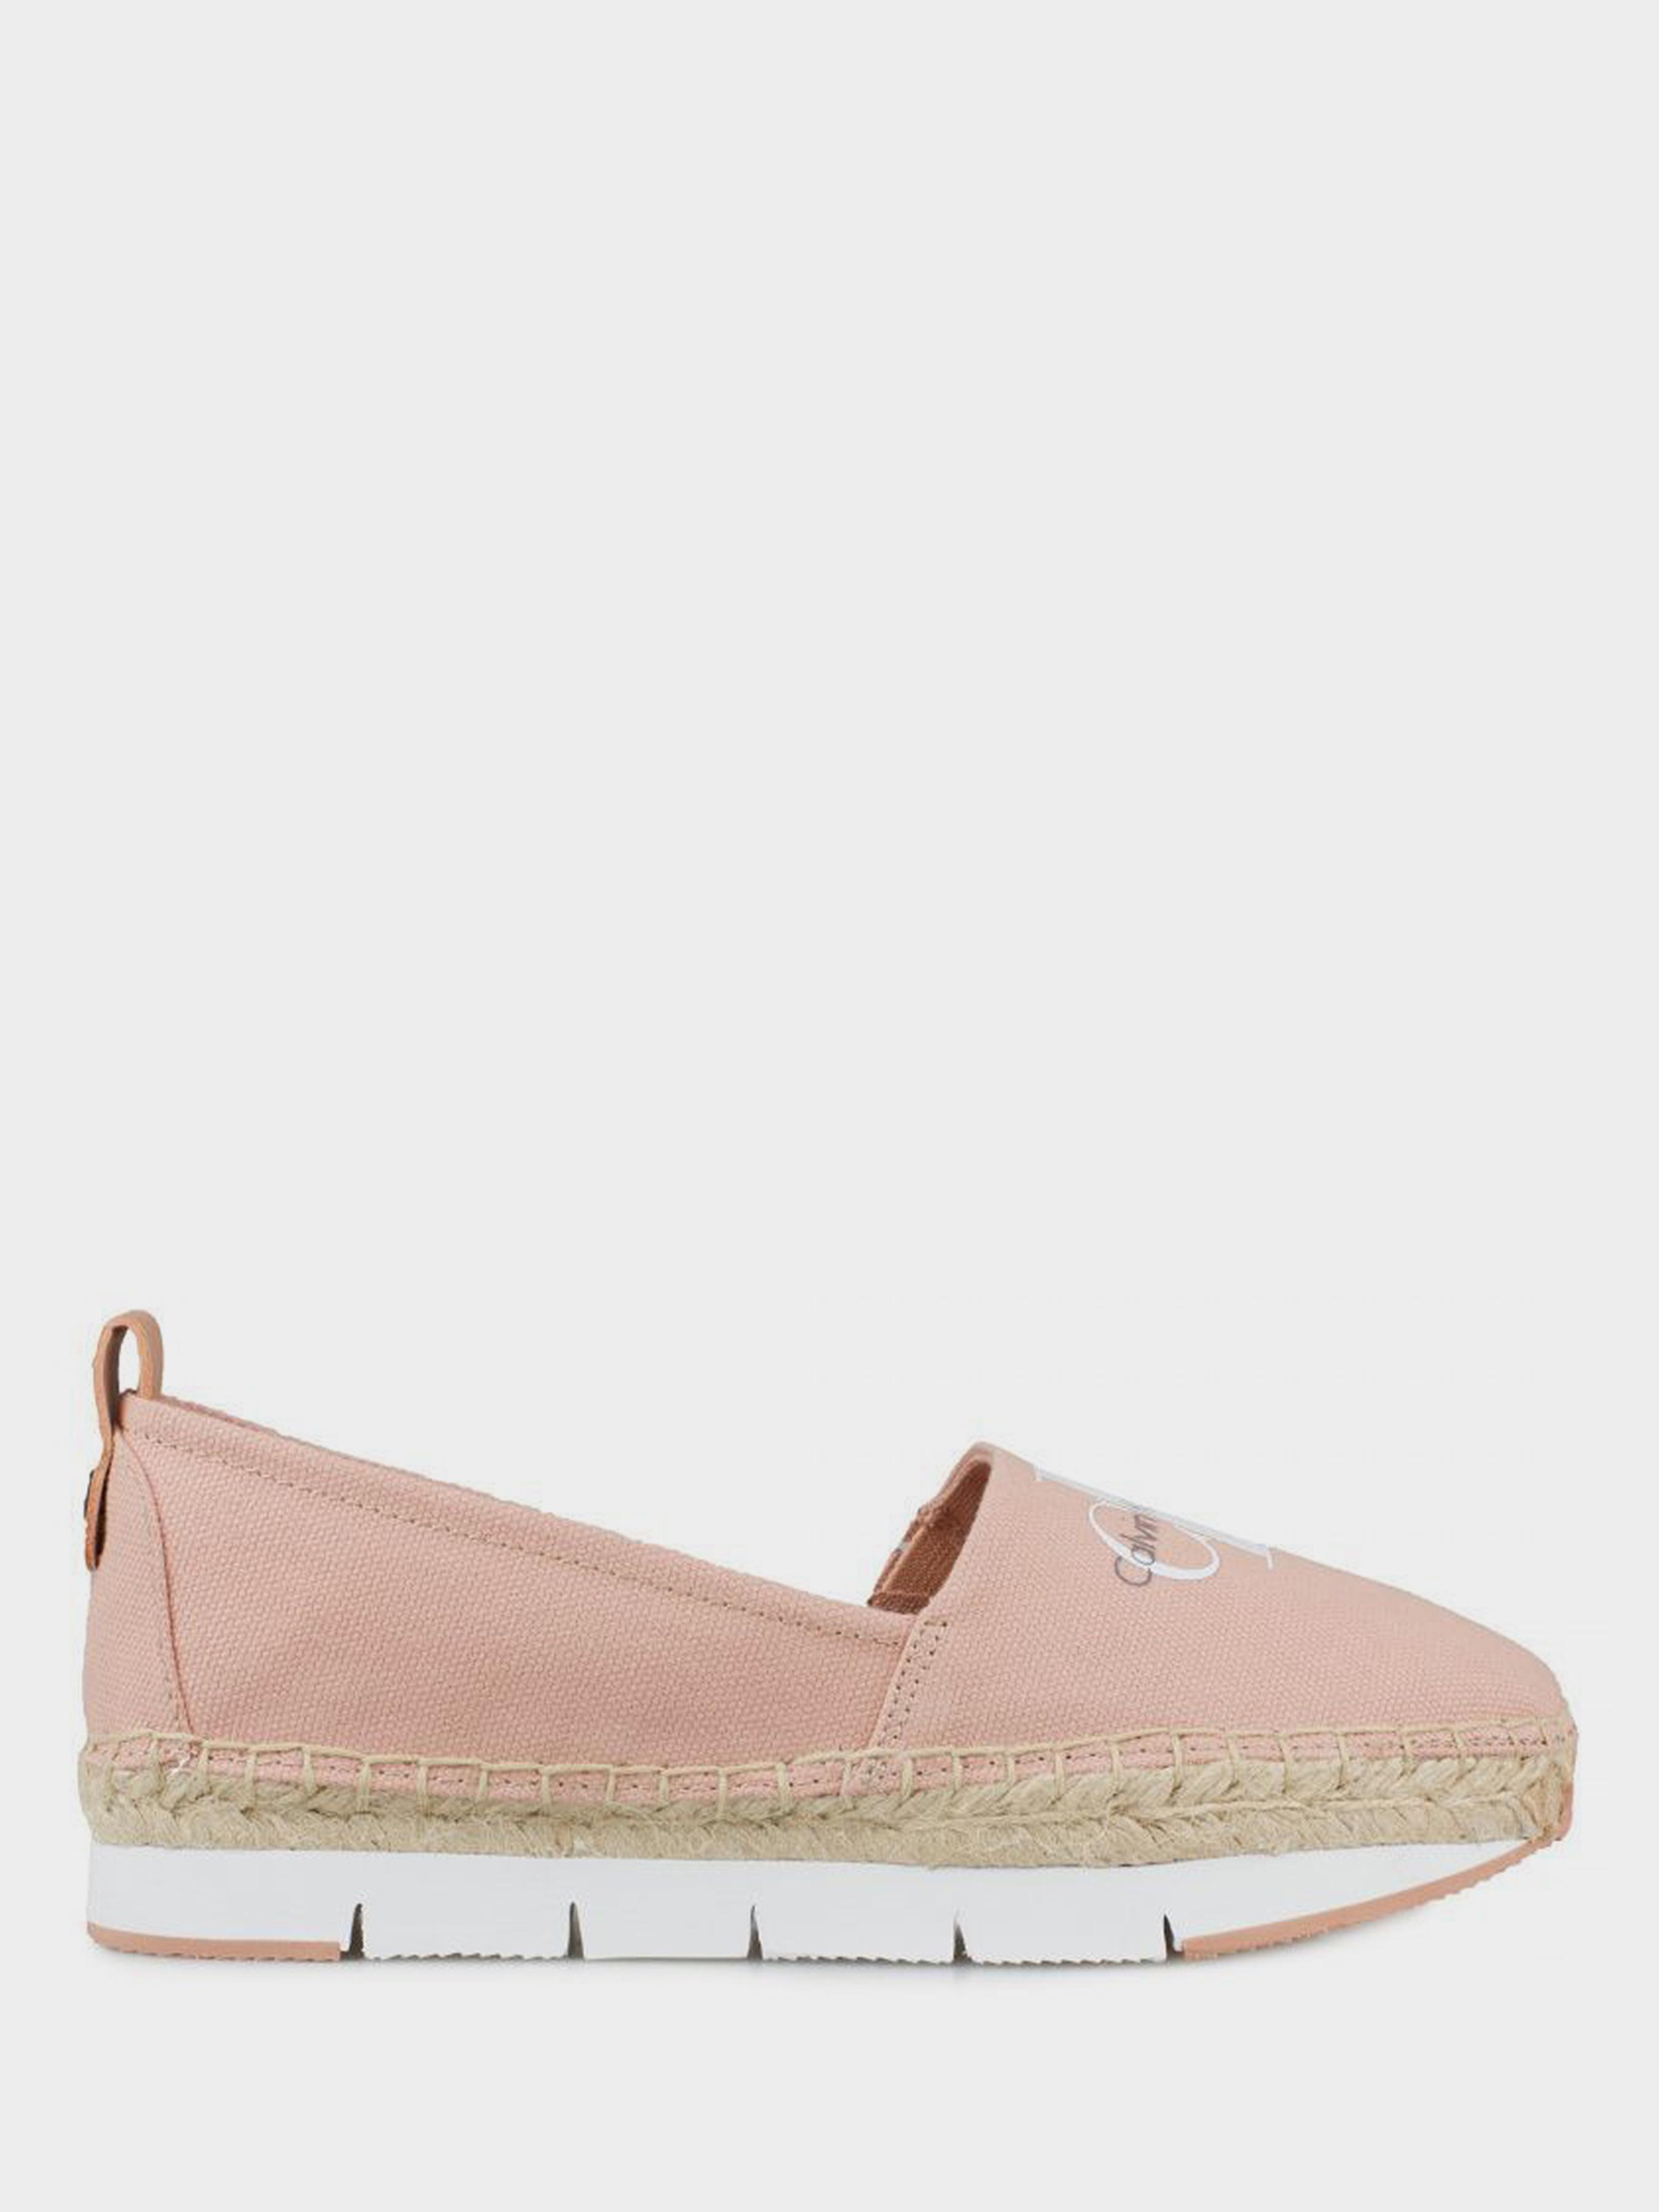 Cлипоны для женщин Calvin Klein Jeans GENNA CANVAS 3Y6 брендовая обувь, 2017